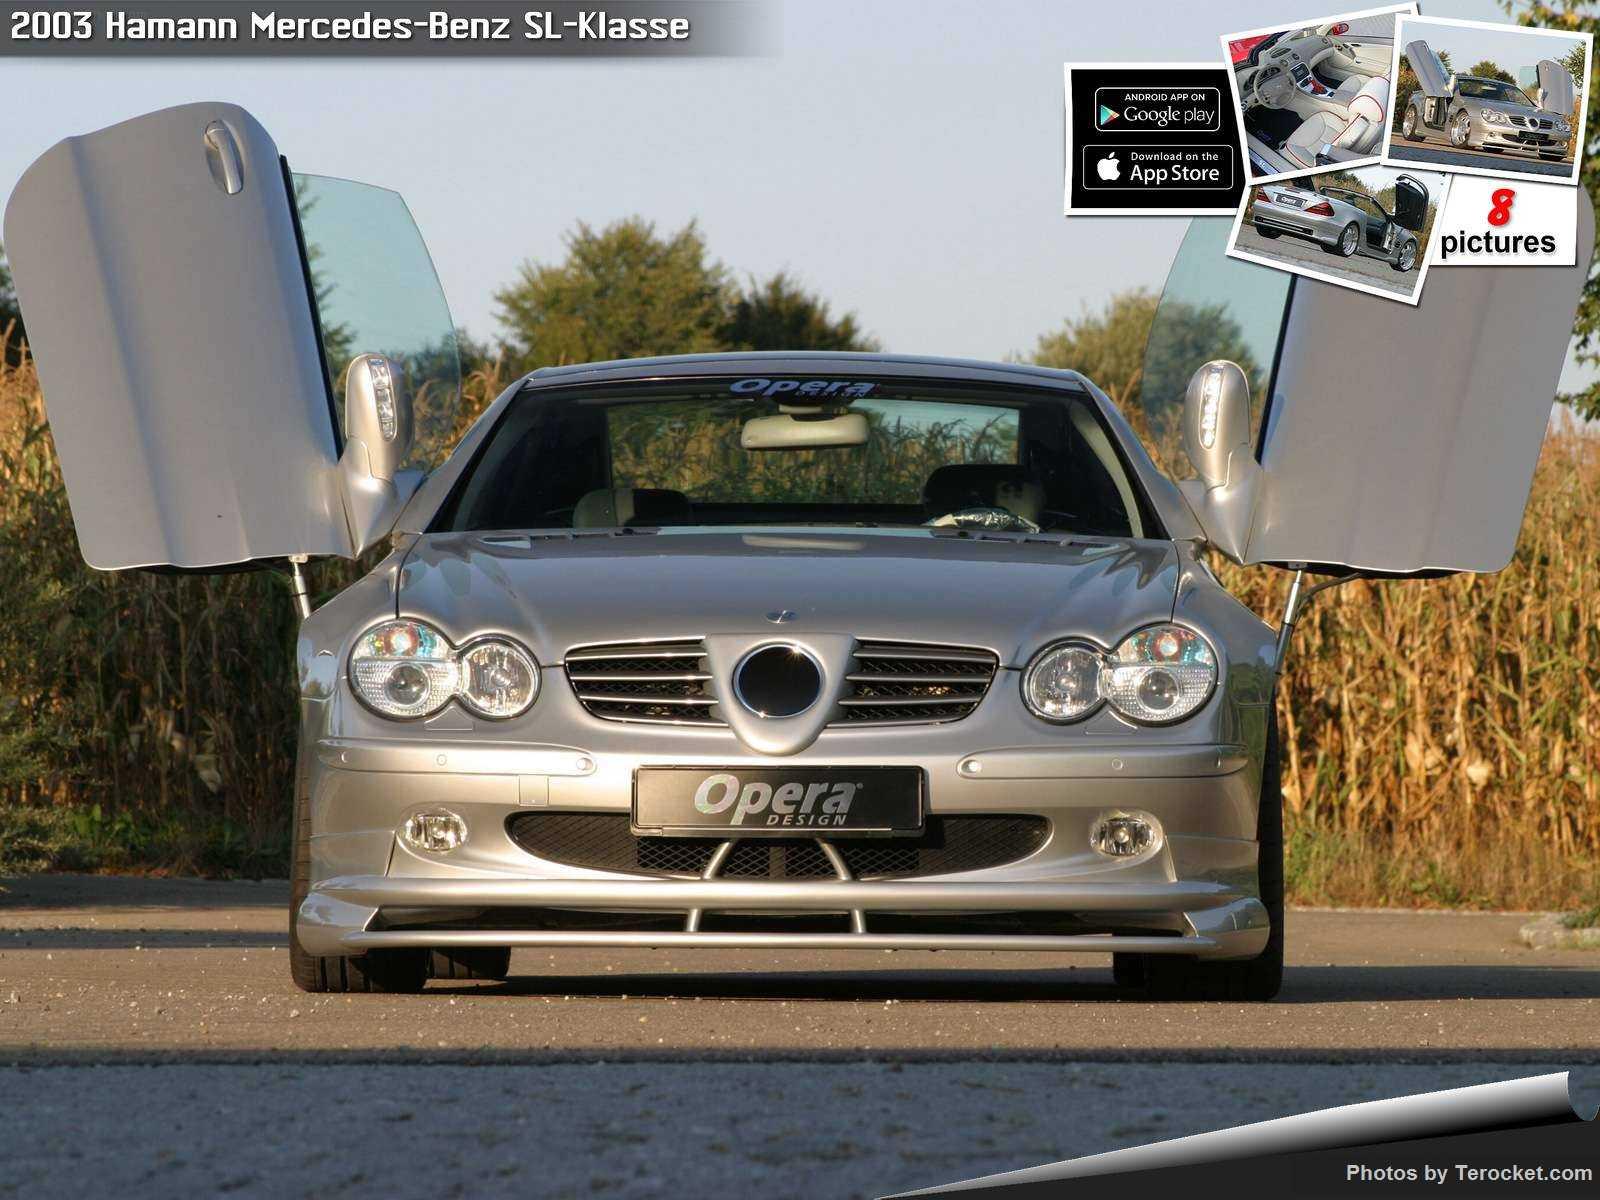 Hình ảnh xe ô tô Hamann Mercedes-Benz SL-Klasse 2003 & nội ngoại thất